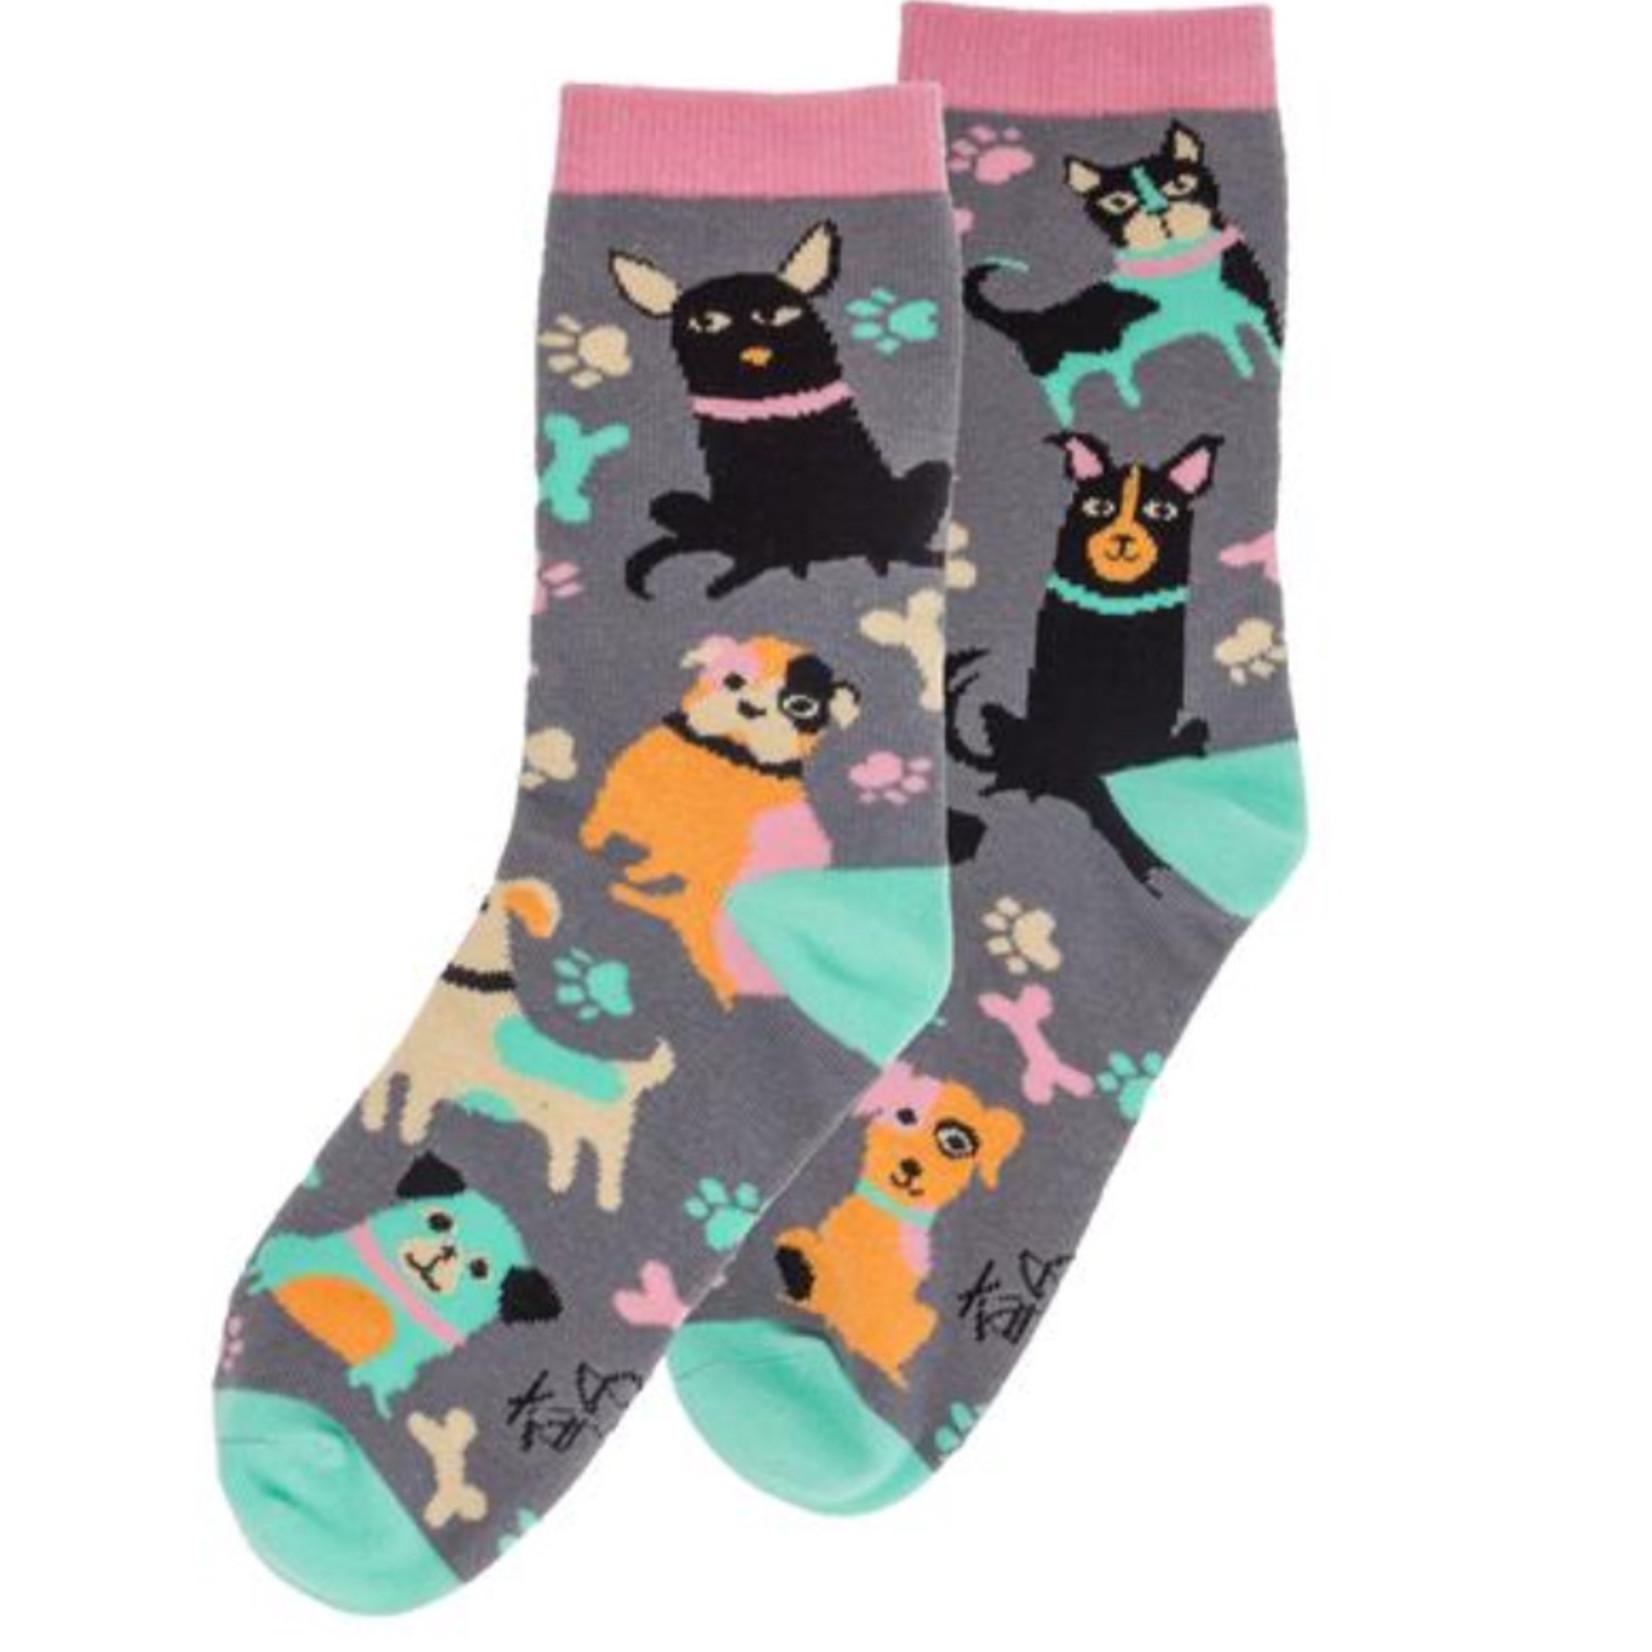 Karma Karma/Wit Socks